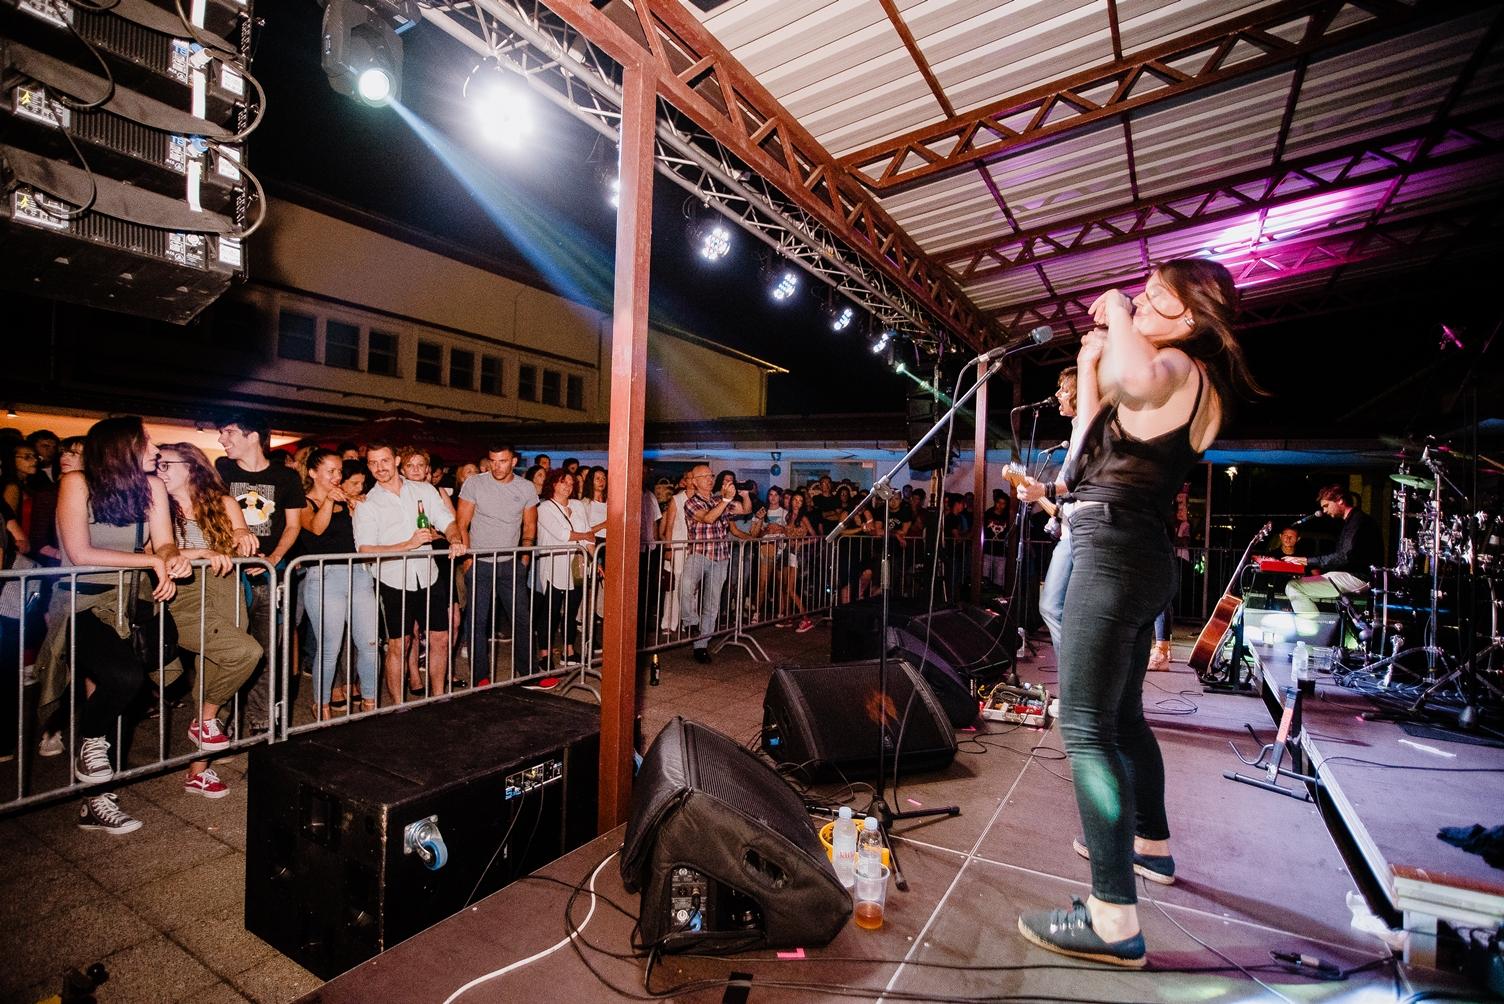 GROCKS-2019-Lika-Kolorado-Silente-foto-Josip-Durdov-12